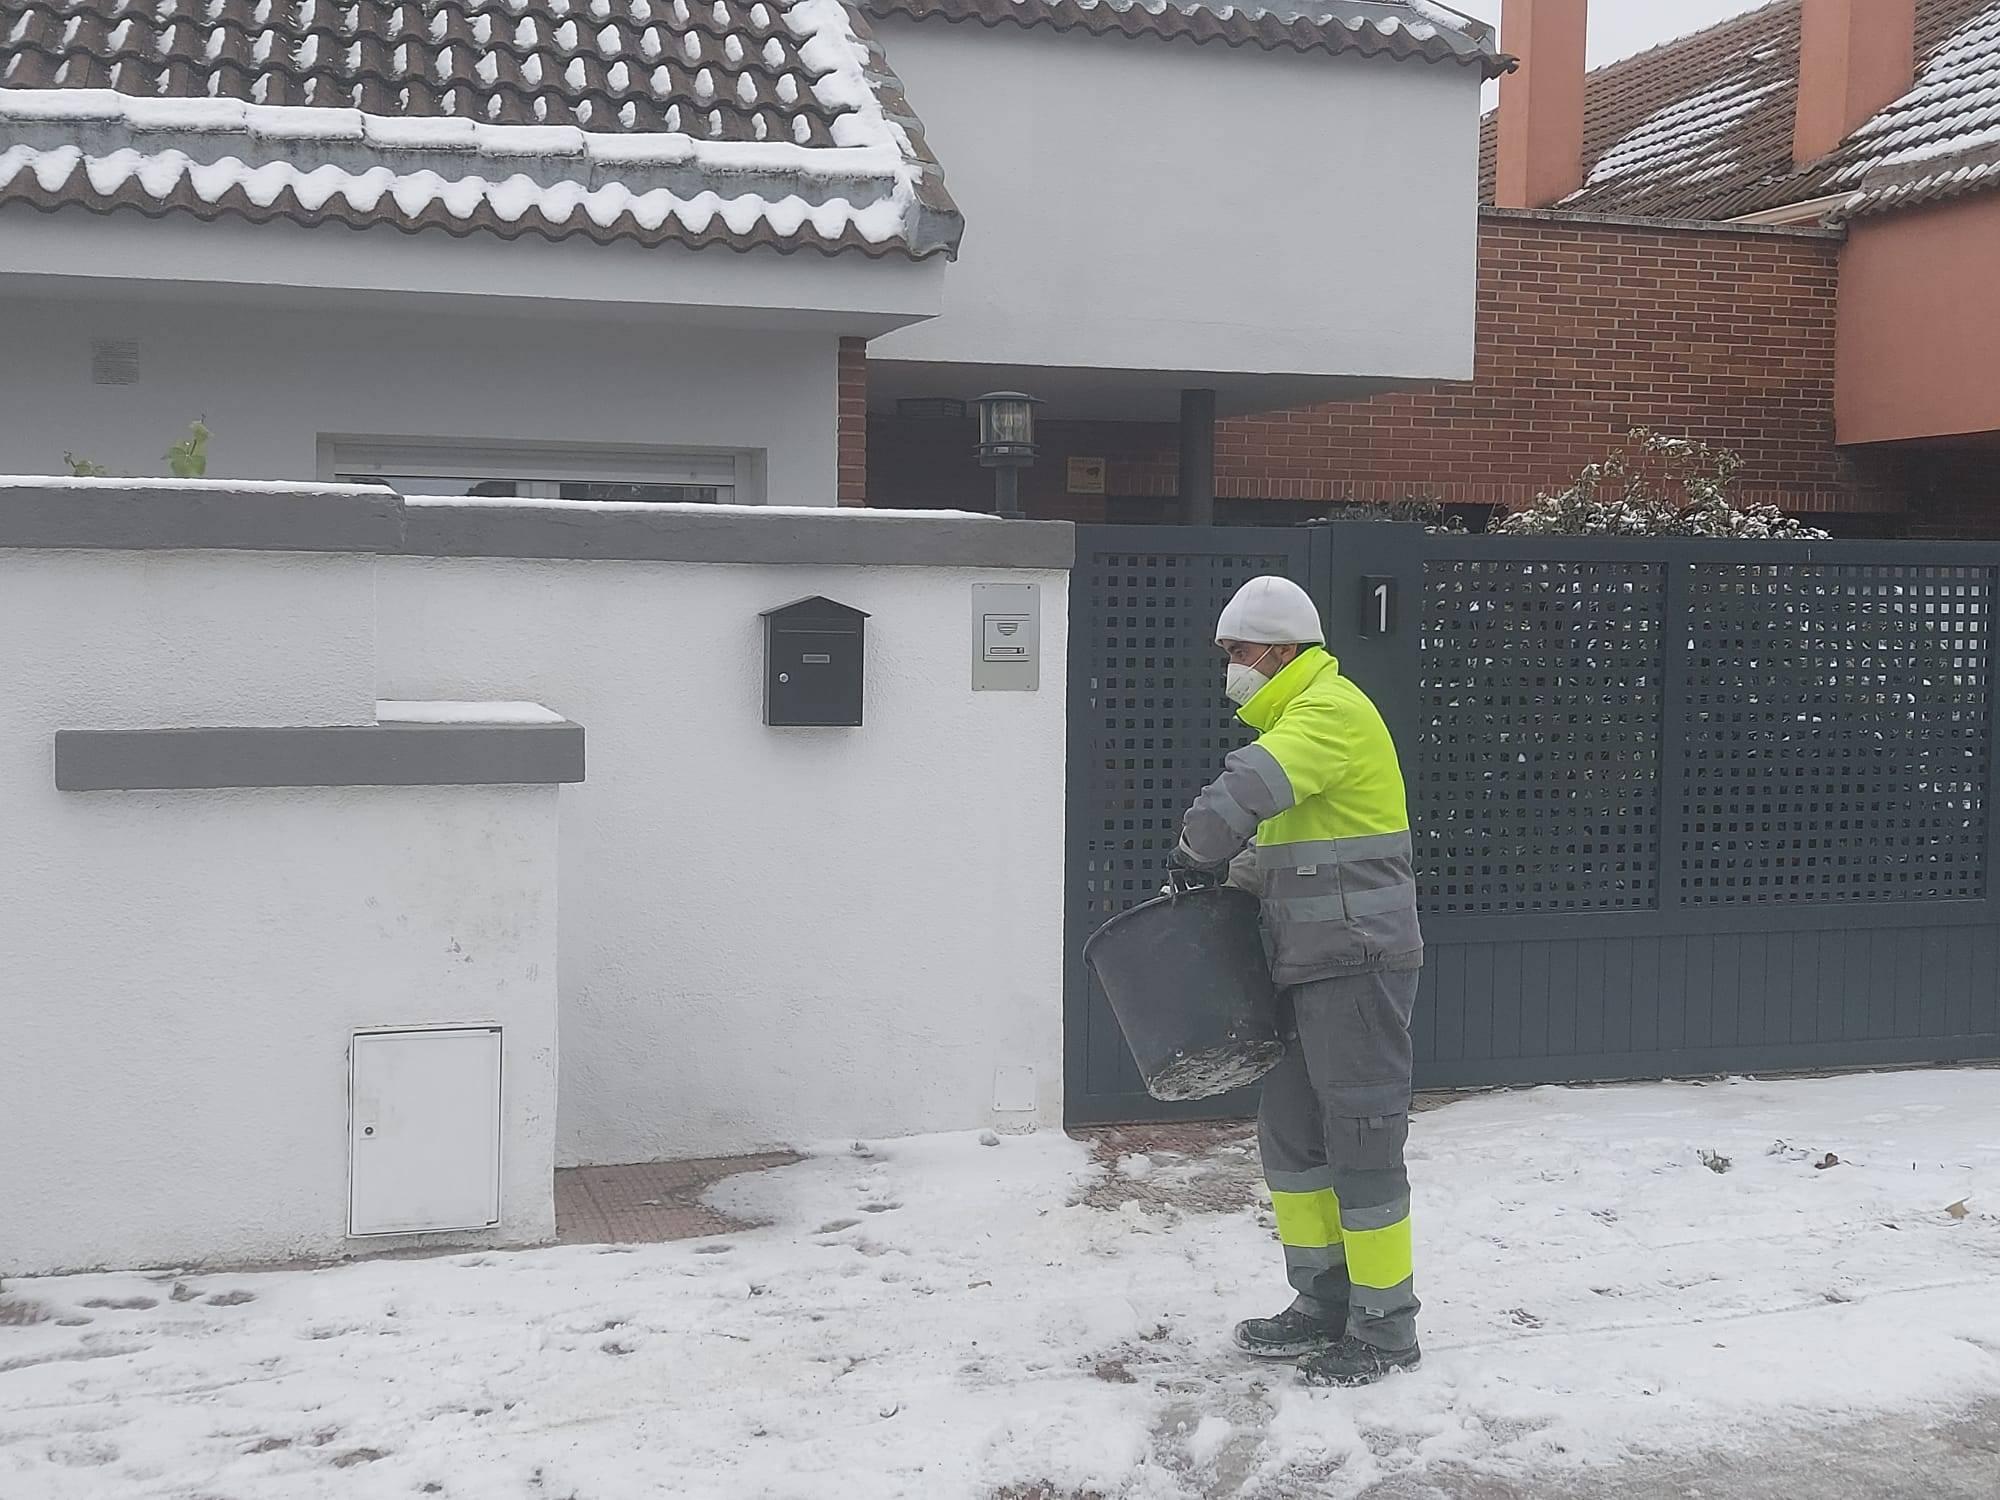 Un trabajador esparciendo sal.